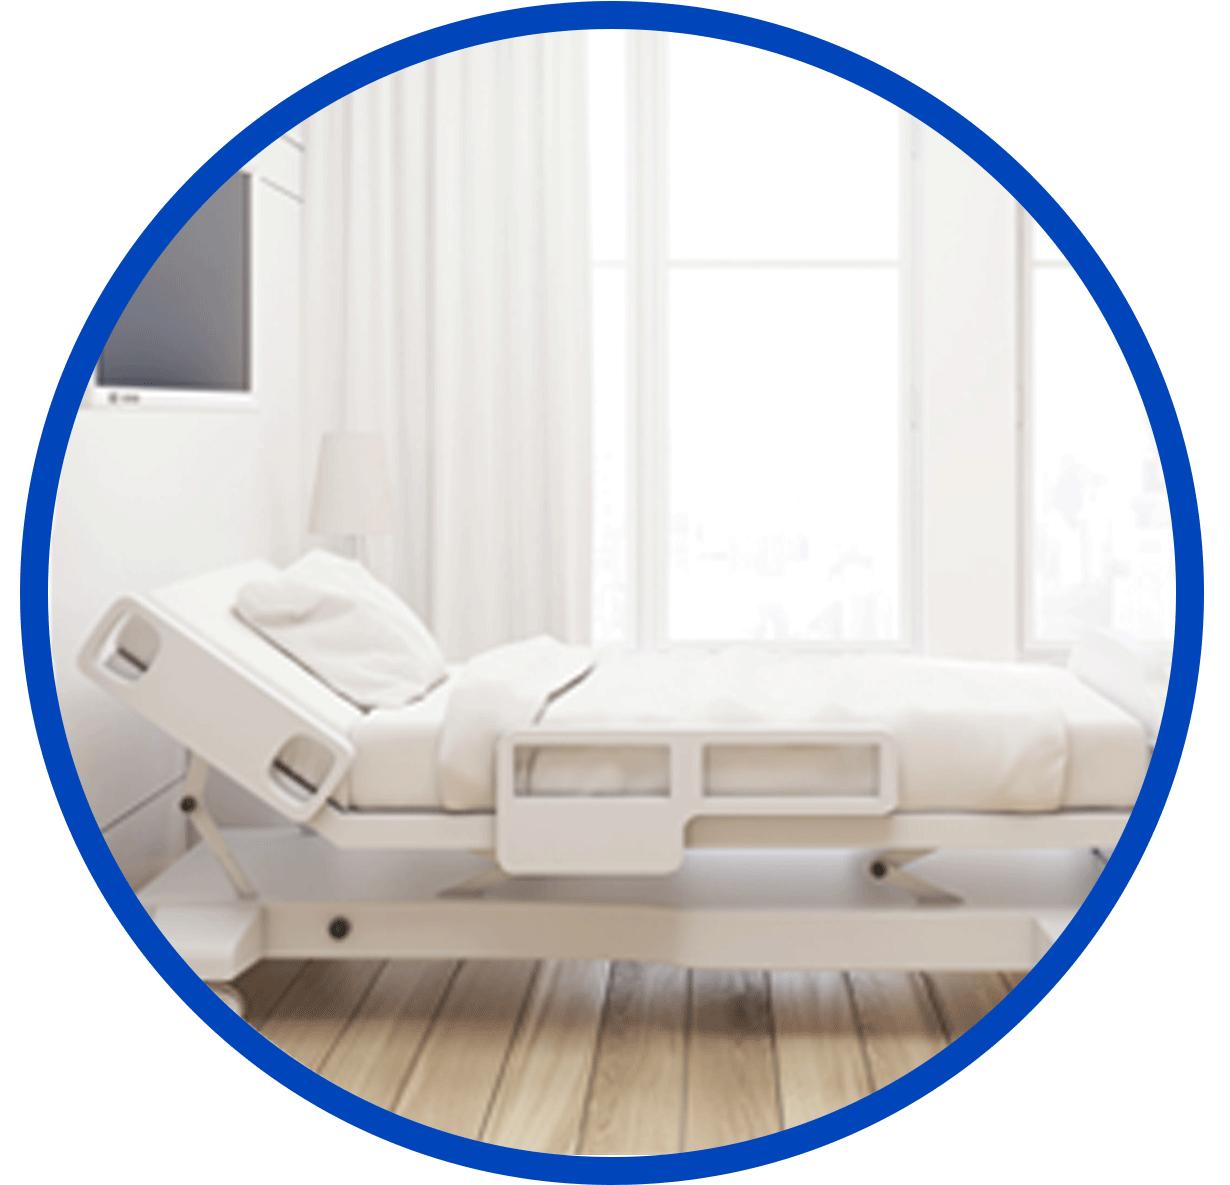 החדרים ב- V∙life מרווחים ומפנקים. לרשותכם  חדרים עם מרפסות, סוויטות וחדרים פרטיים